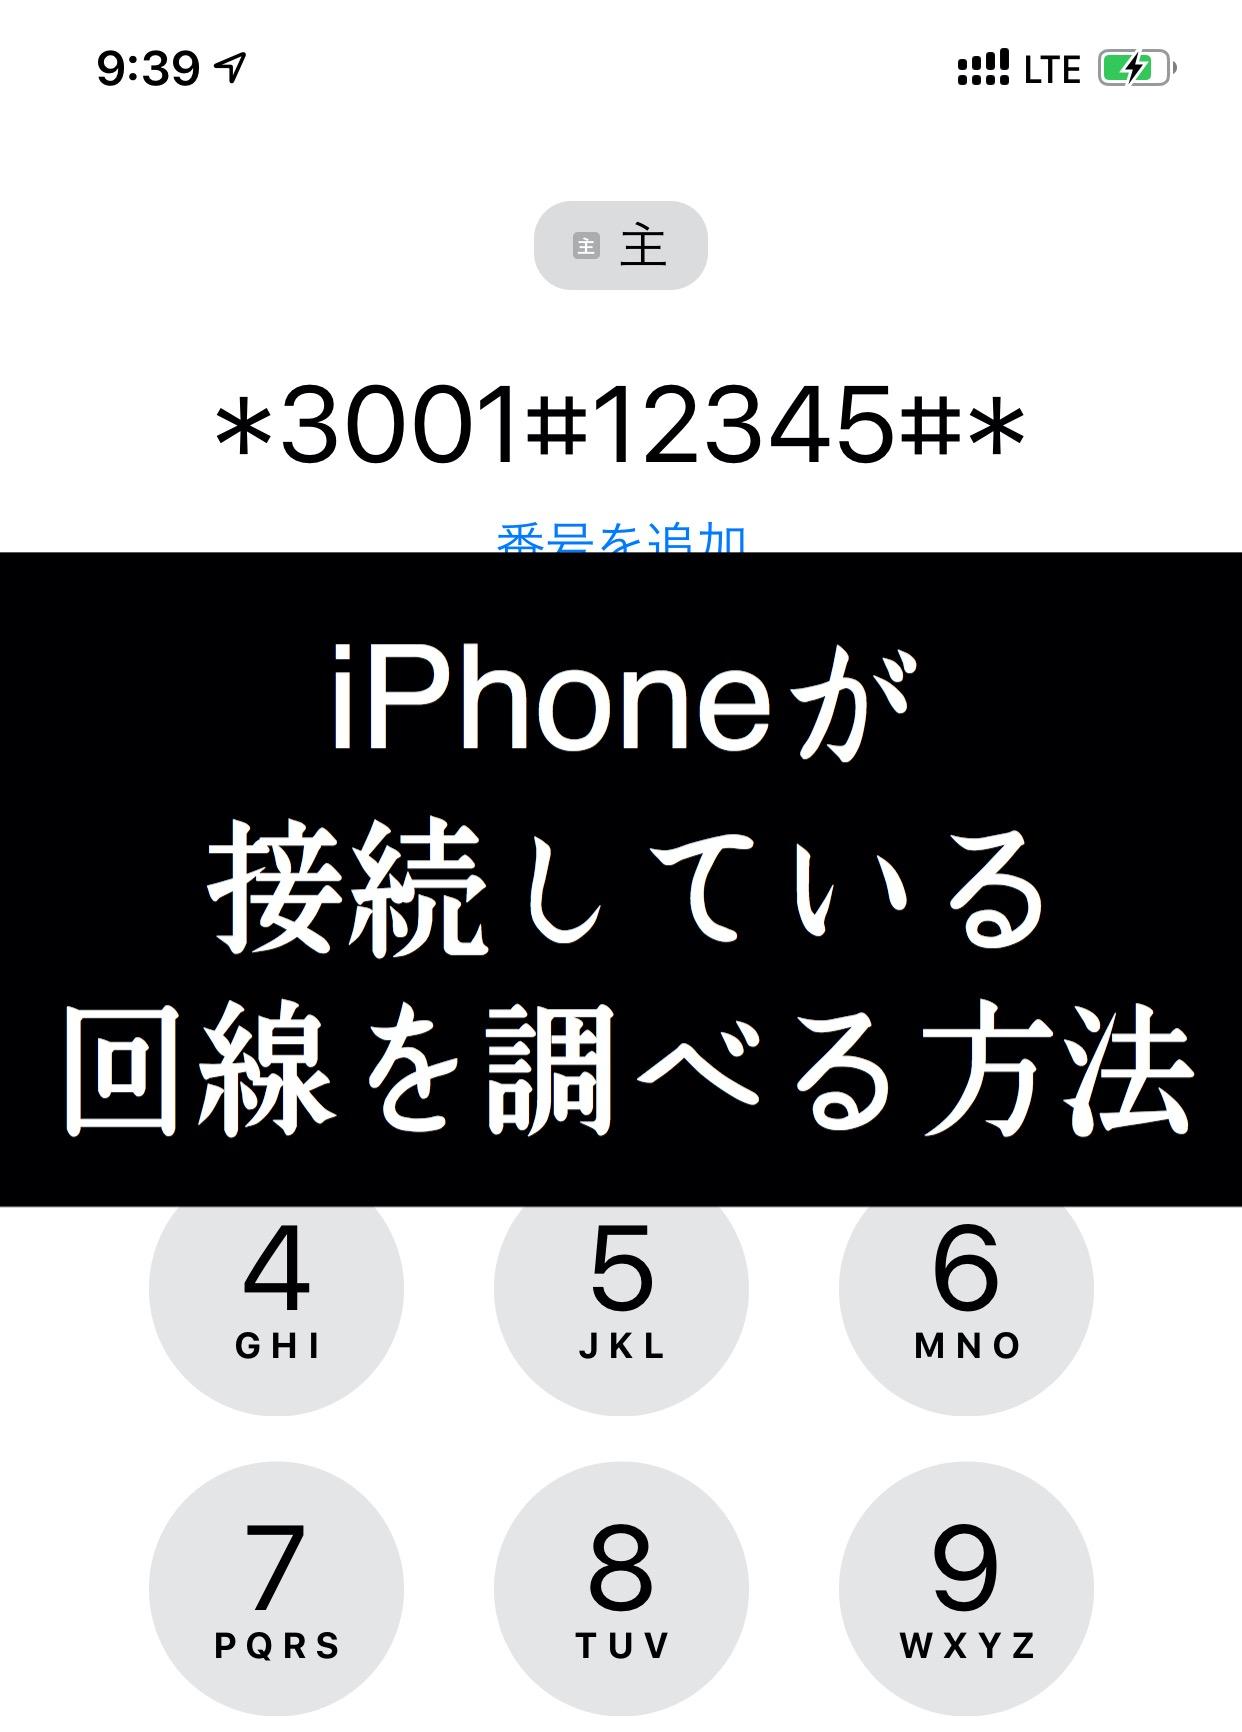 【iPhone Tips】モバイルデータ通信で接続している回線を調べる方法